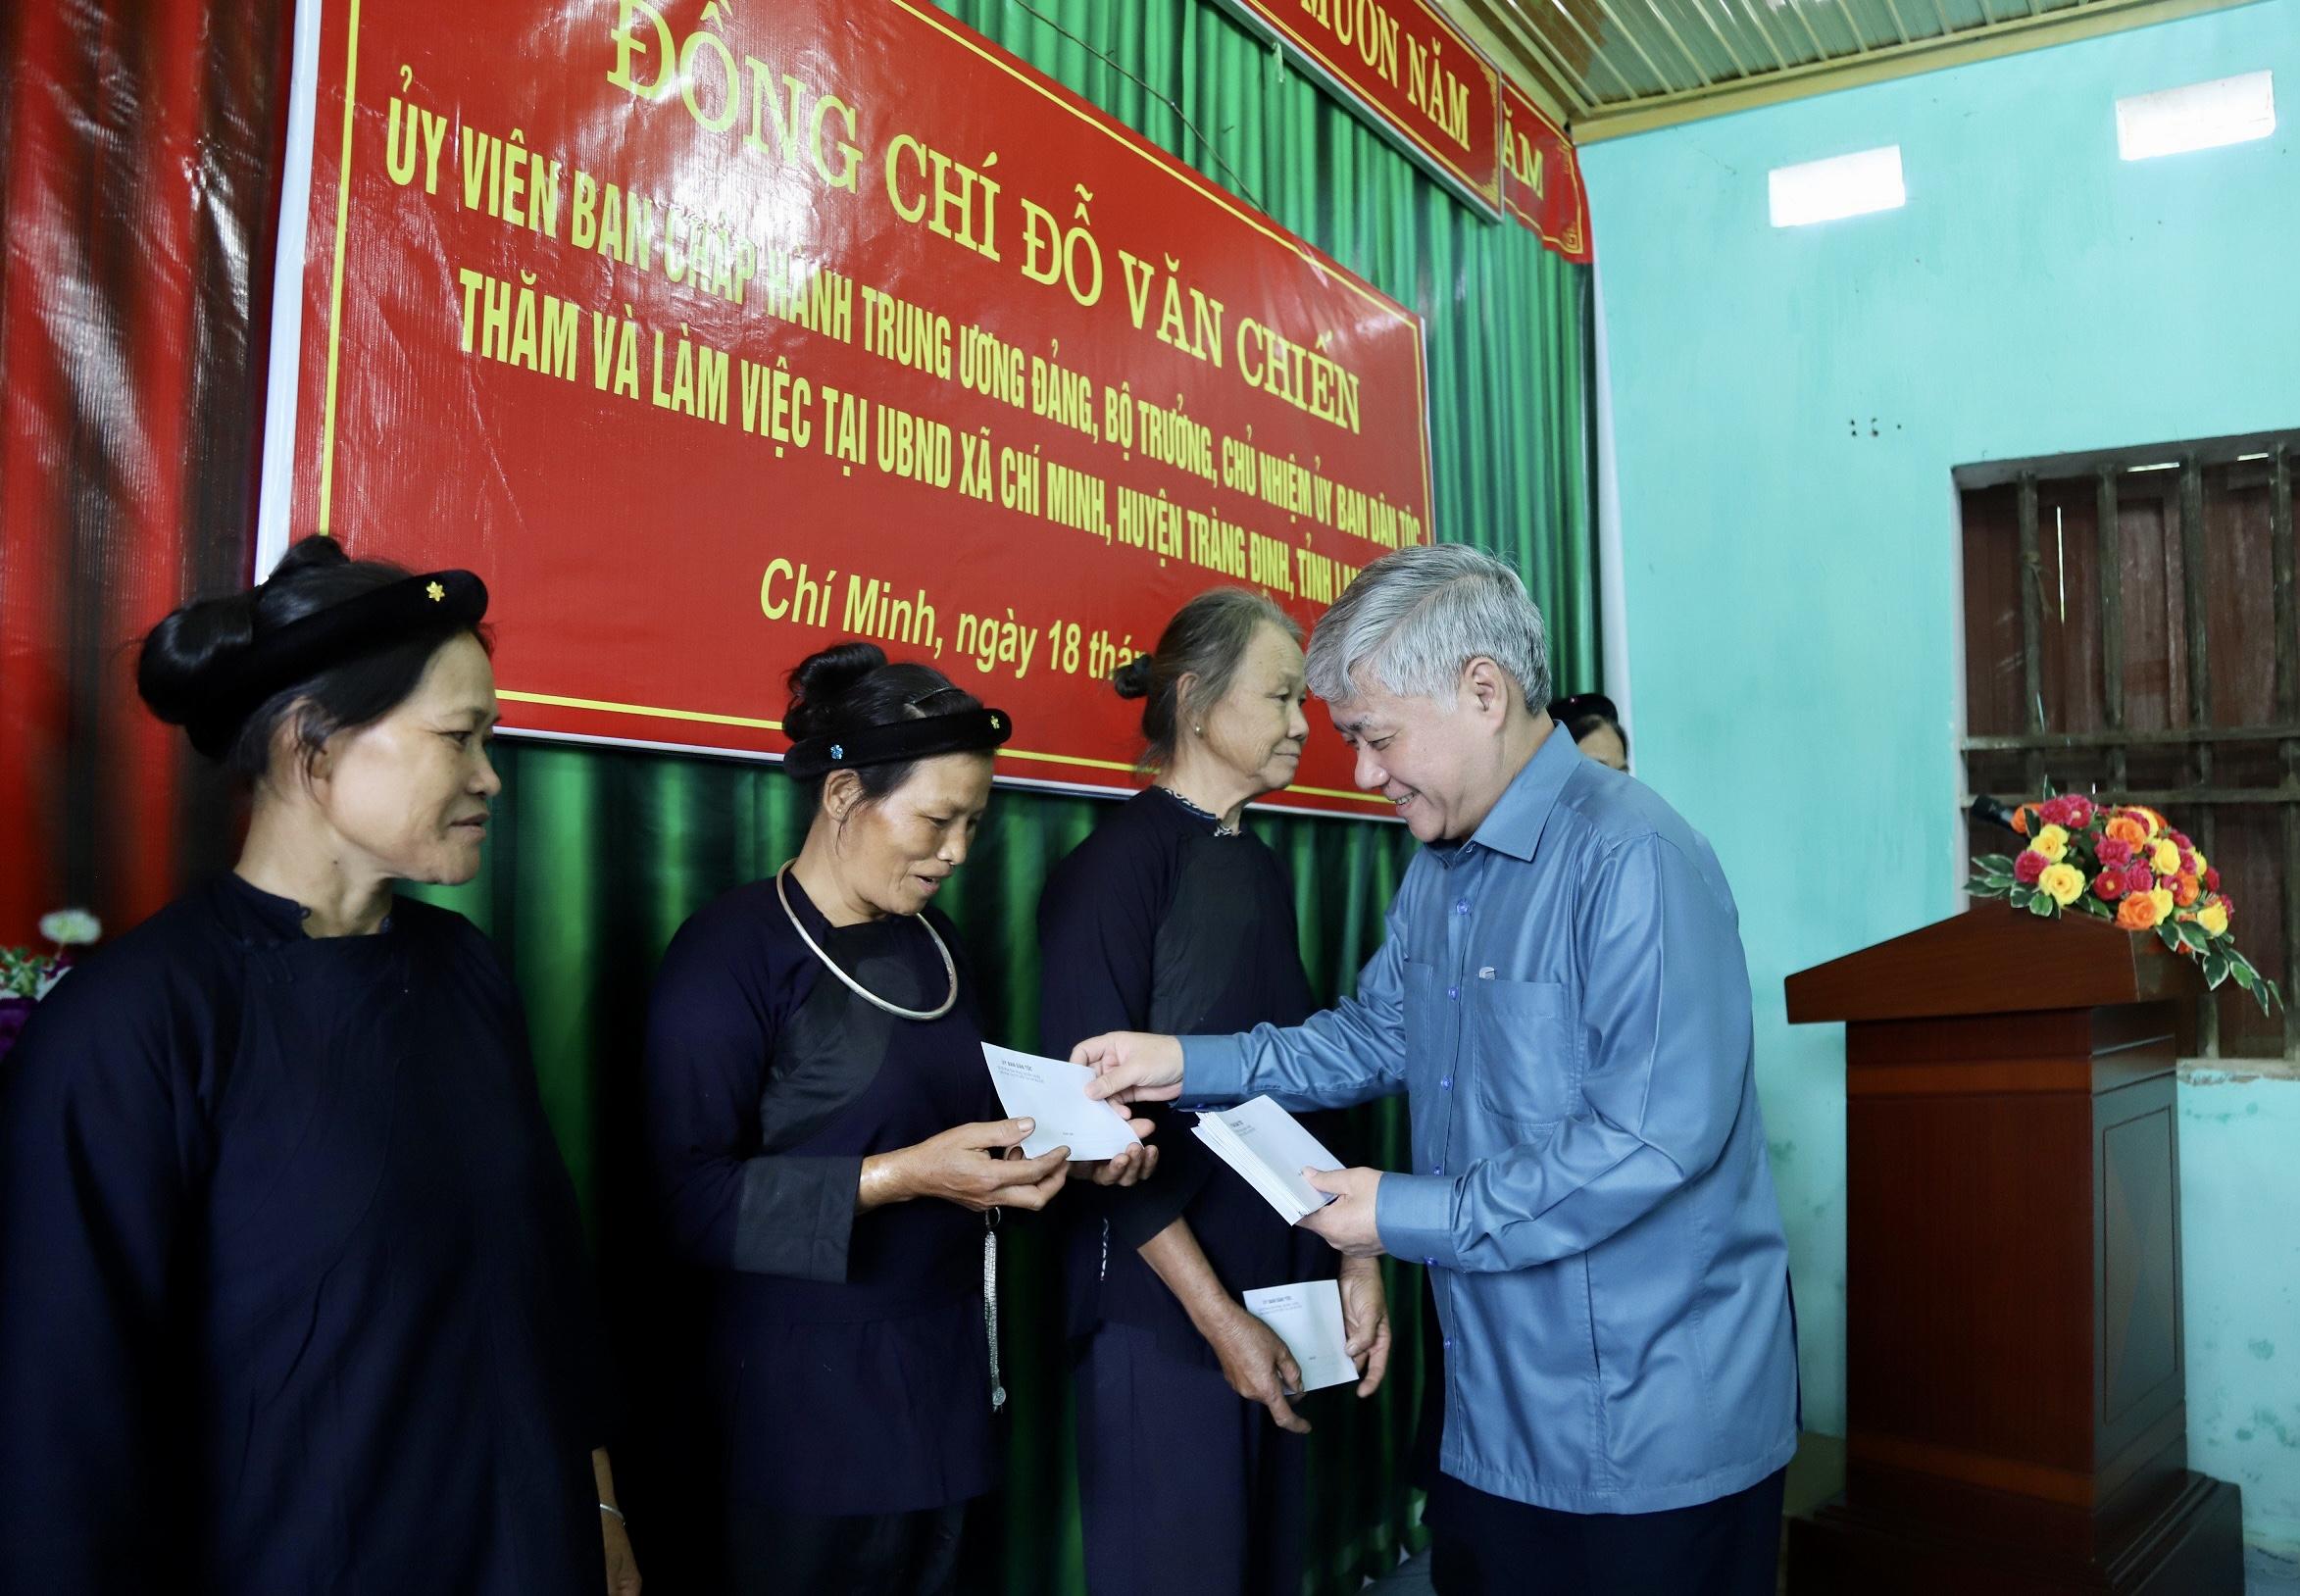 Bộ trưởng, Chủ nhiệm Đỗ Văn Chiến tặng quà cho hộ đồng bào DTTS nghèo xã Chí Minh